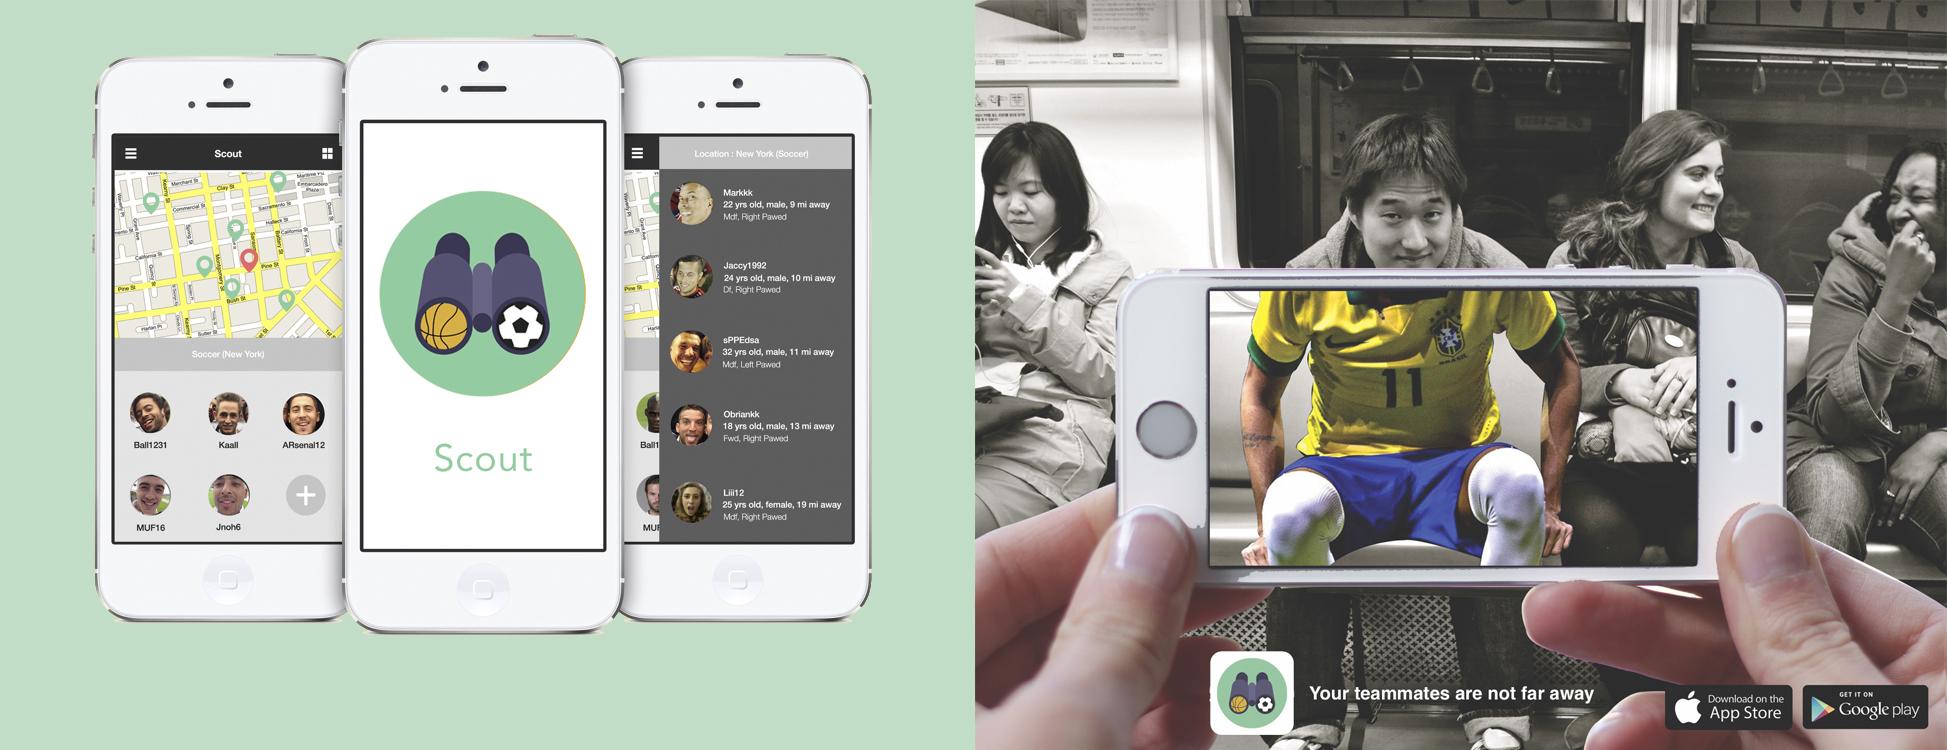 Scout: App concept & Ad Campaign